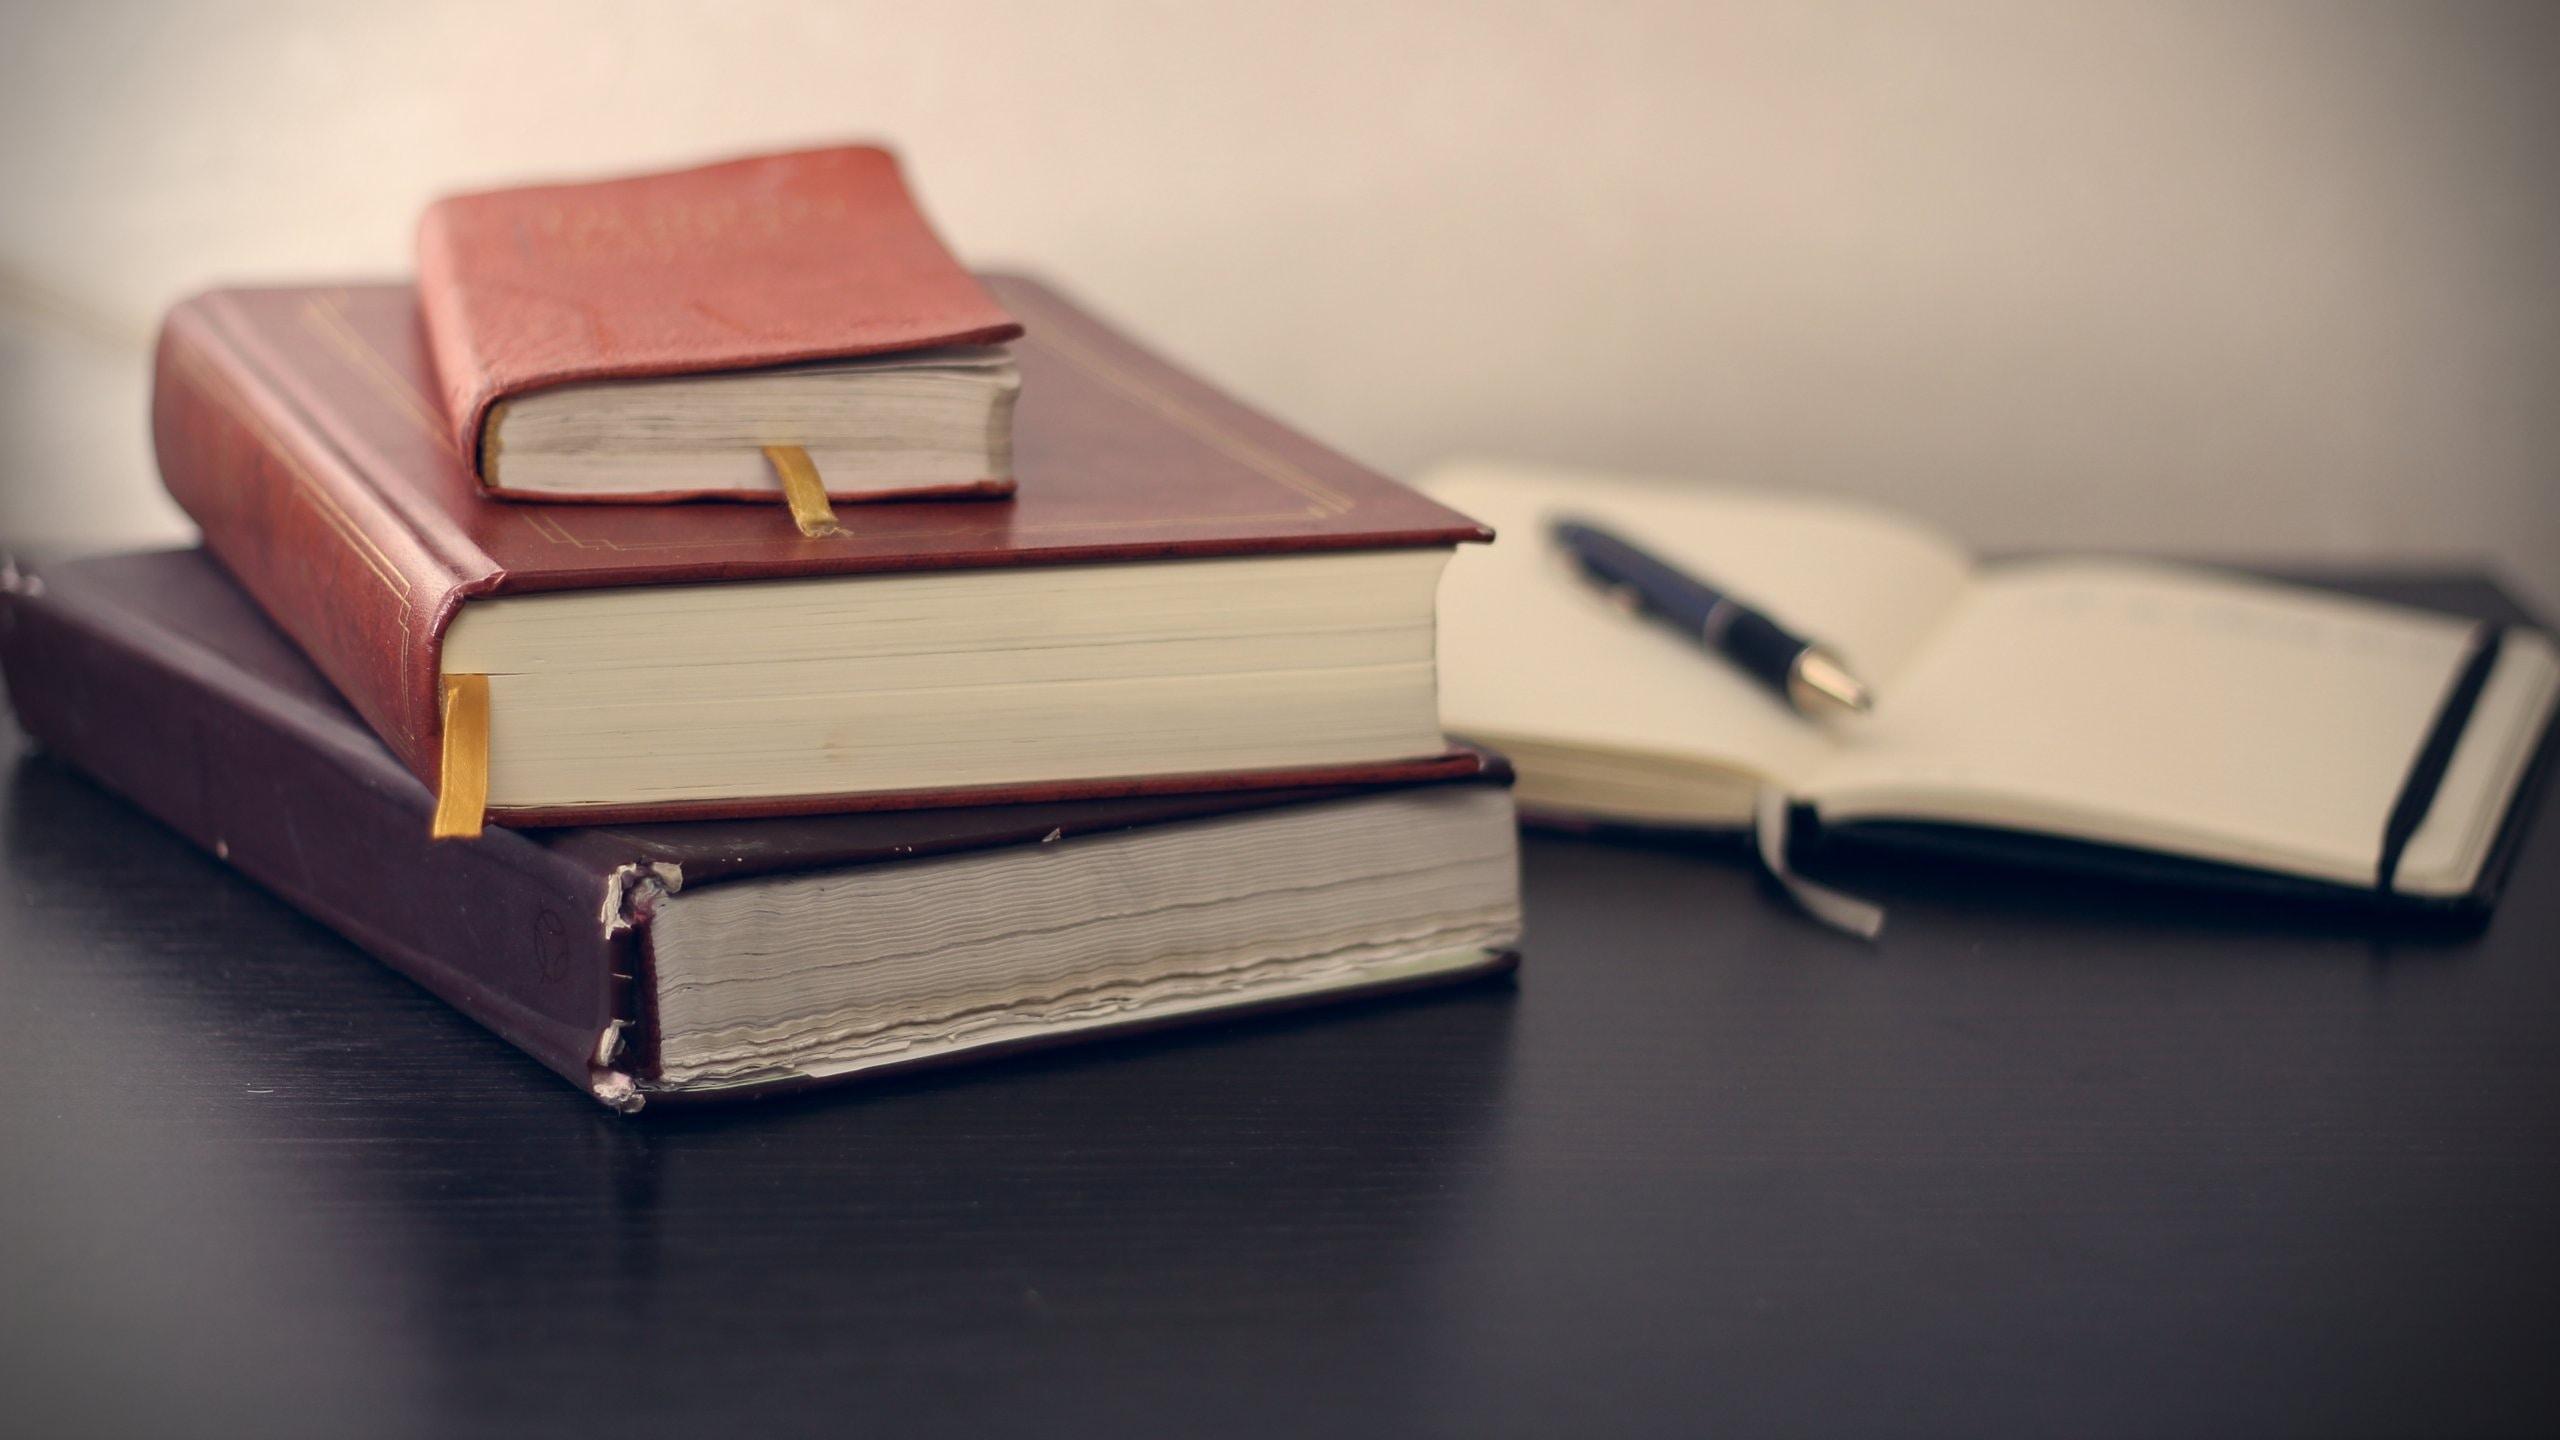 Três livros empilhados sobre a mesa e, ao fundo e desfocado, um caderno aberto com uma caneta sobre ele